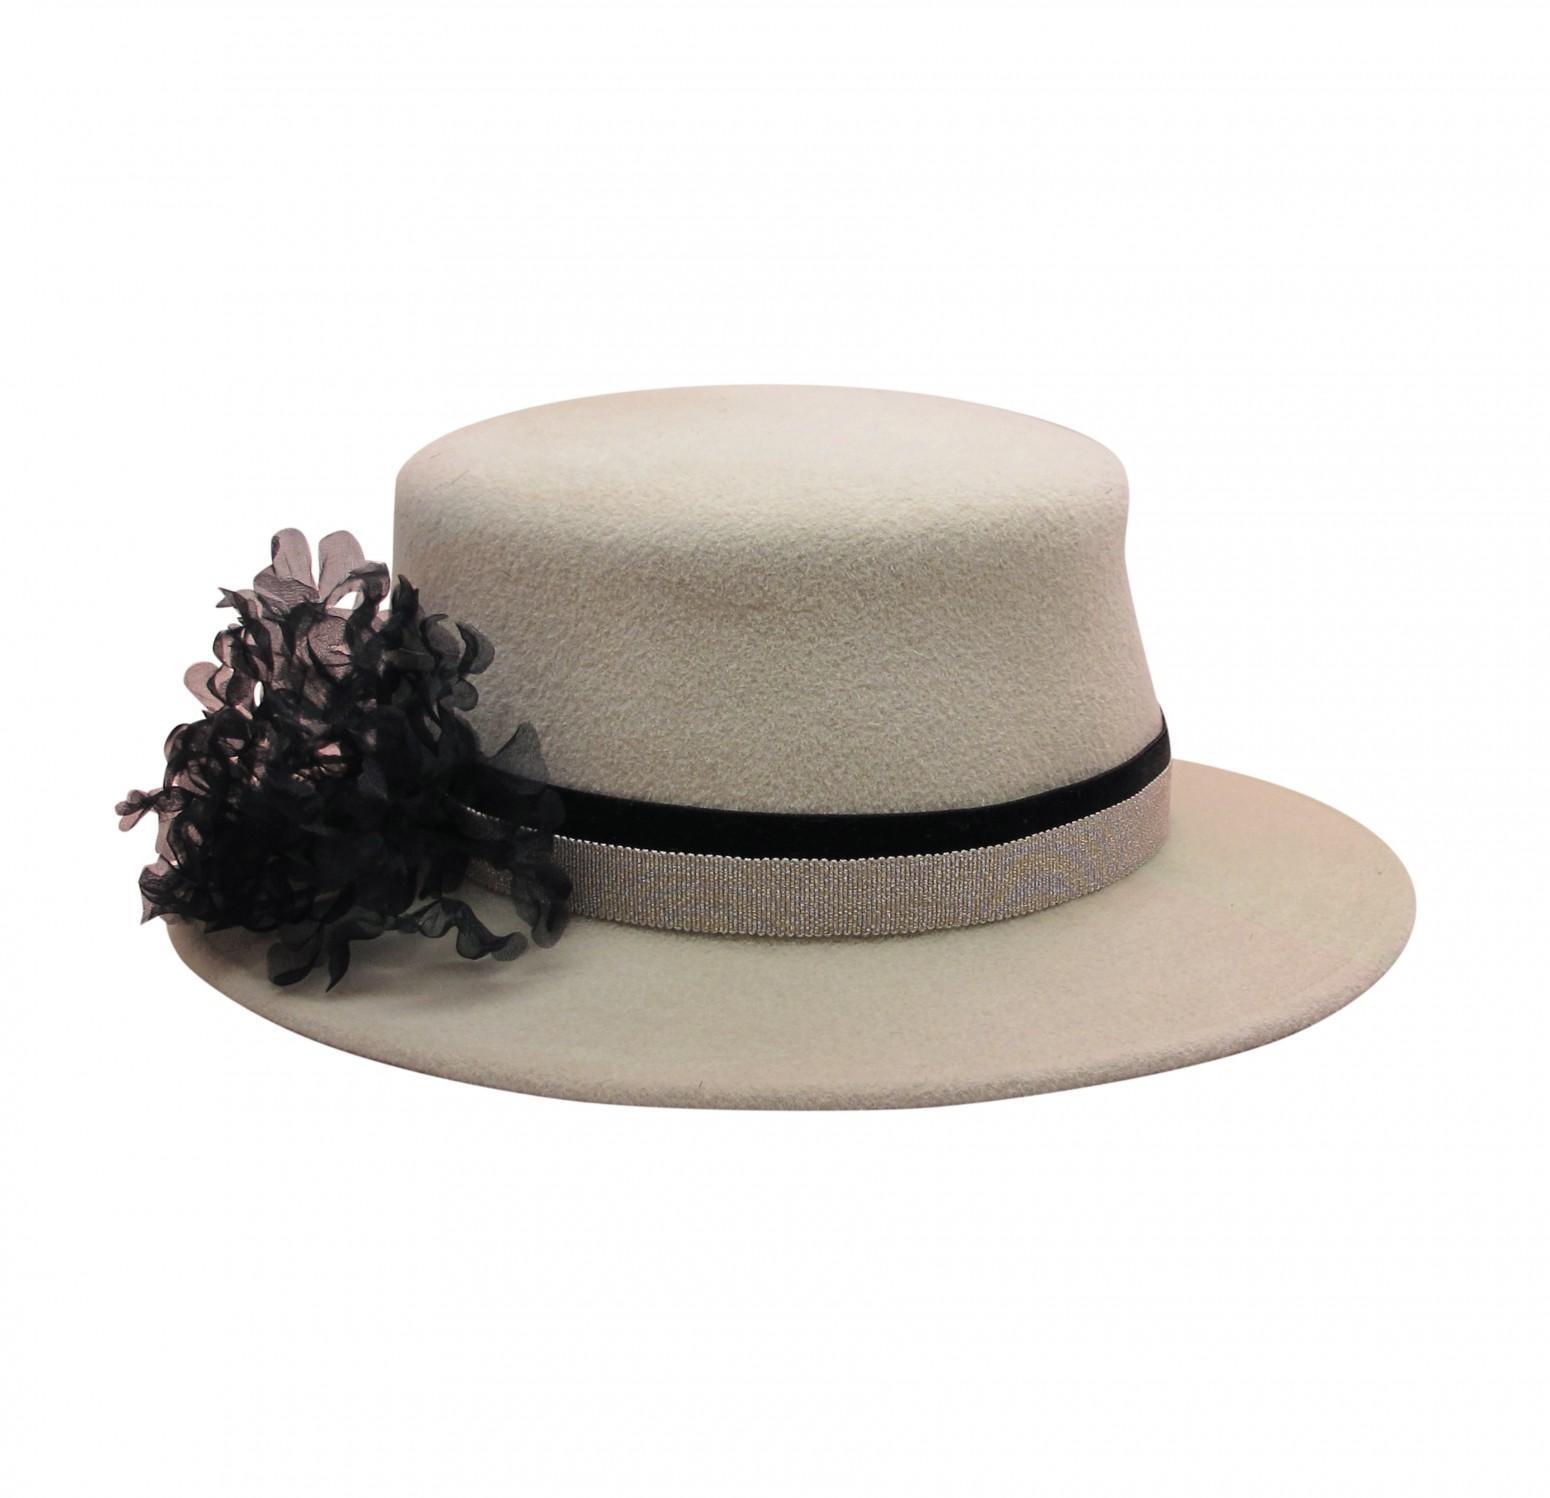 帽围有缎带,丝花及珍珠装饰,全在纽约手工制作.